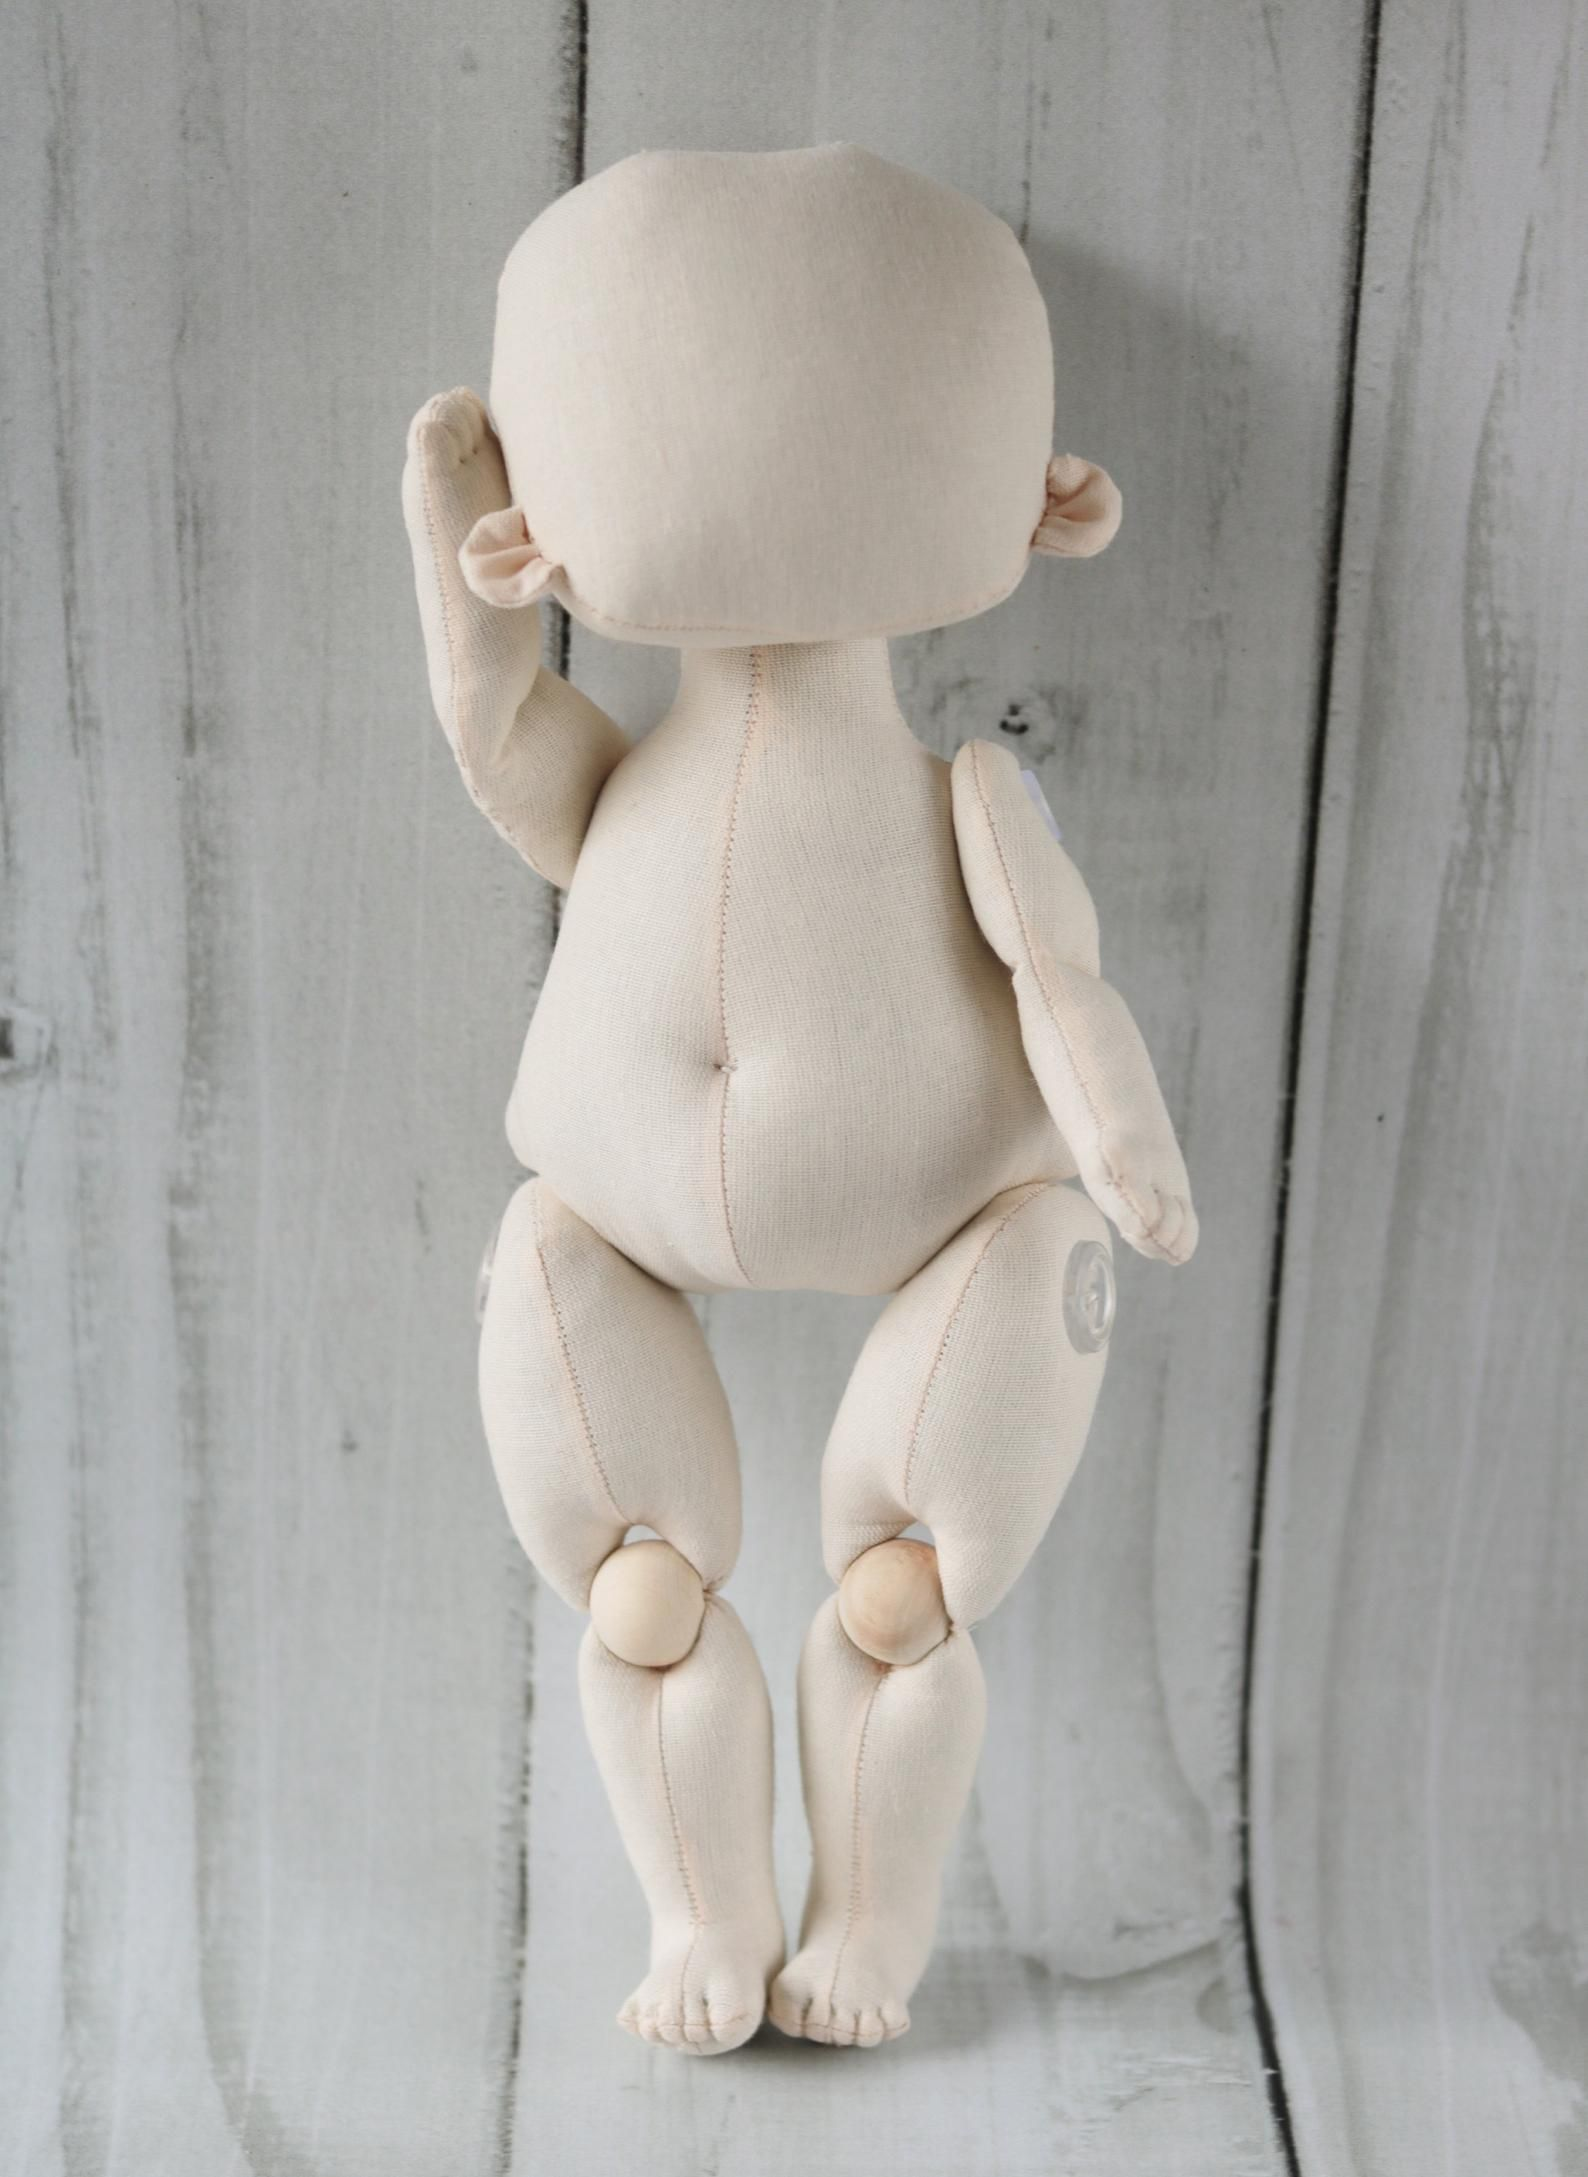 Blank dolls Handmade doll Make a doll blank Rag doll Fabric doll Doll supply Blank doll body Cloth doll body